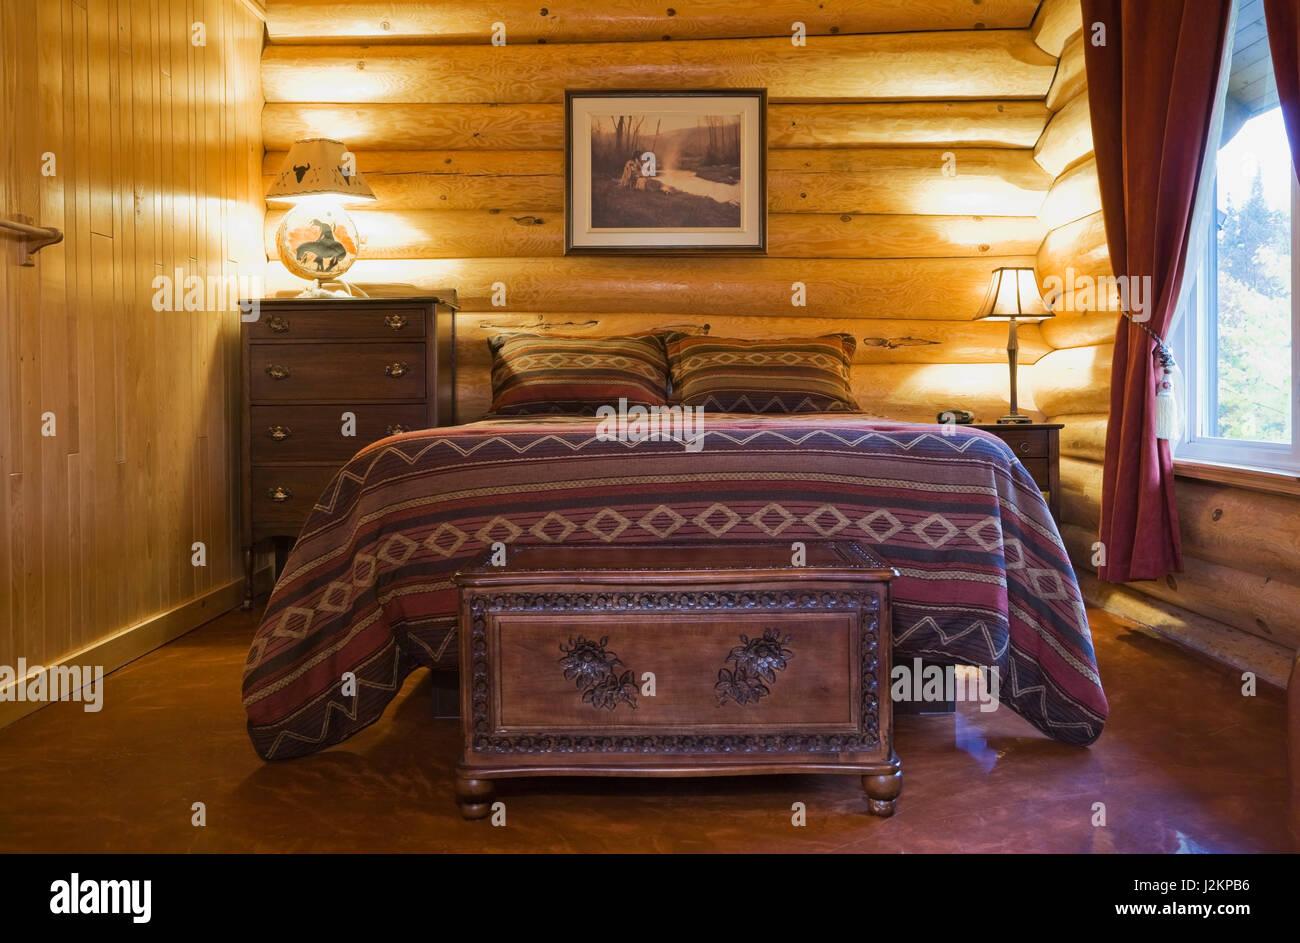 Letto queen size con navajo copriletto a motivi geometrici in